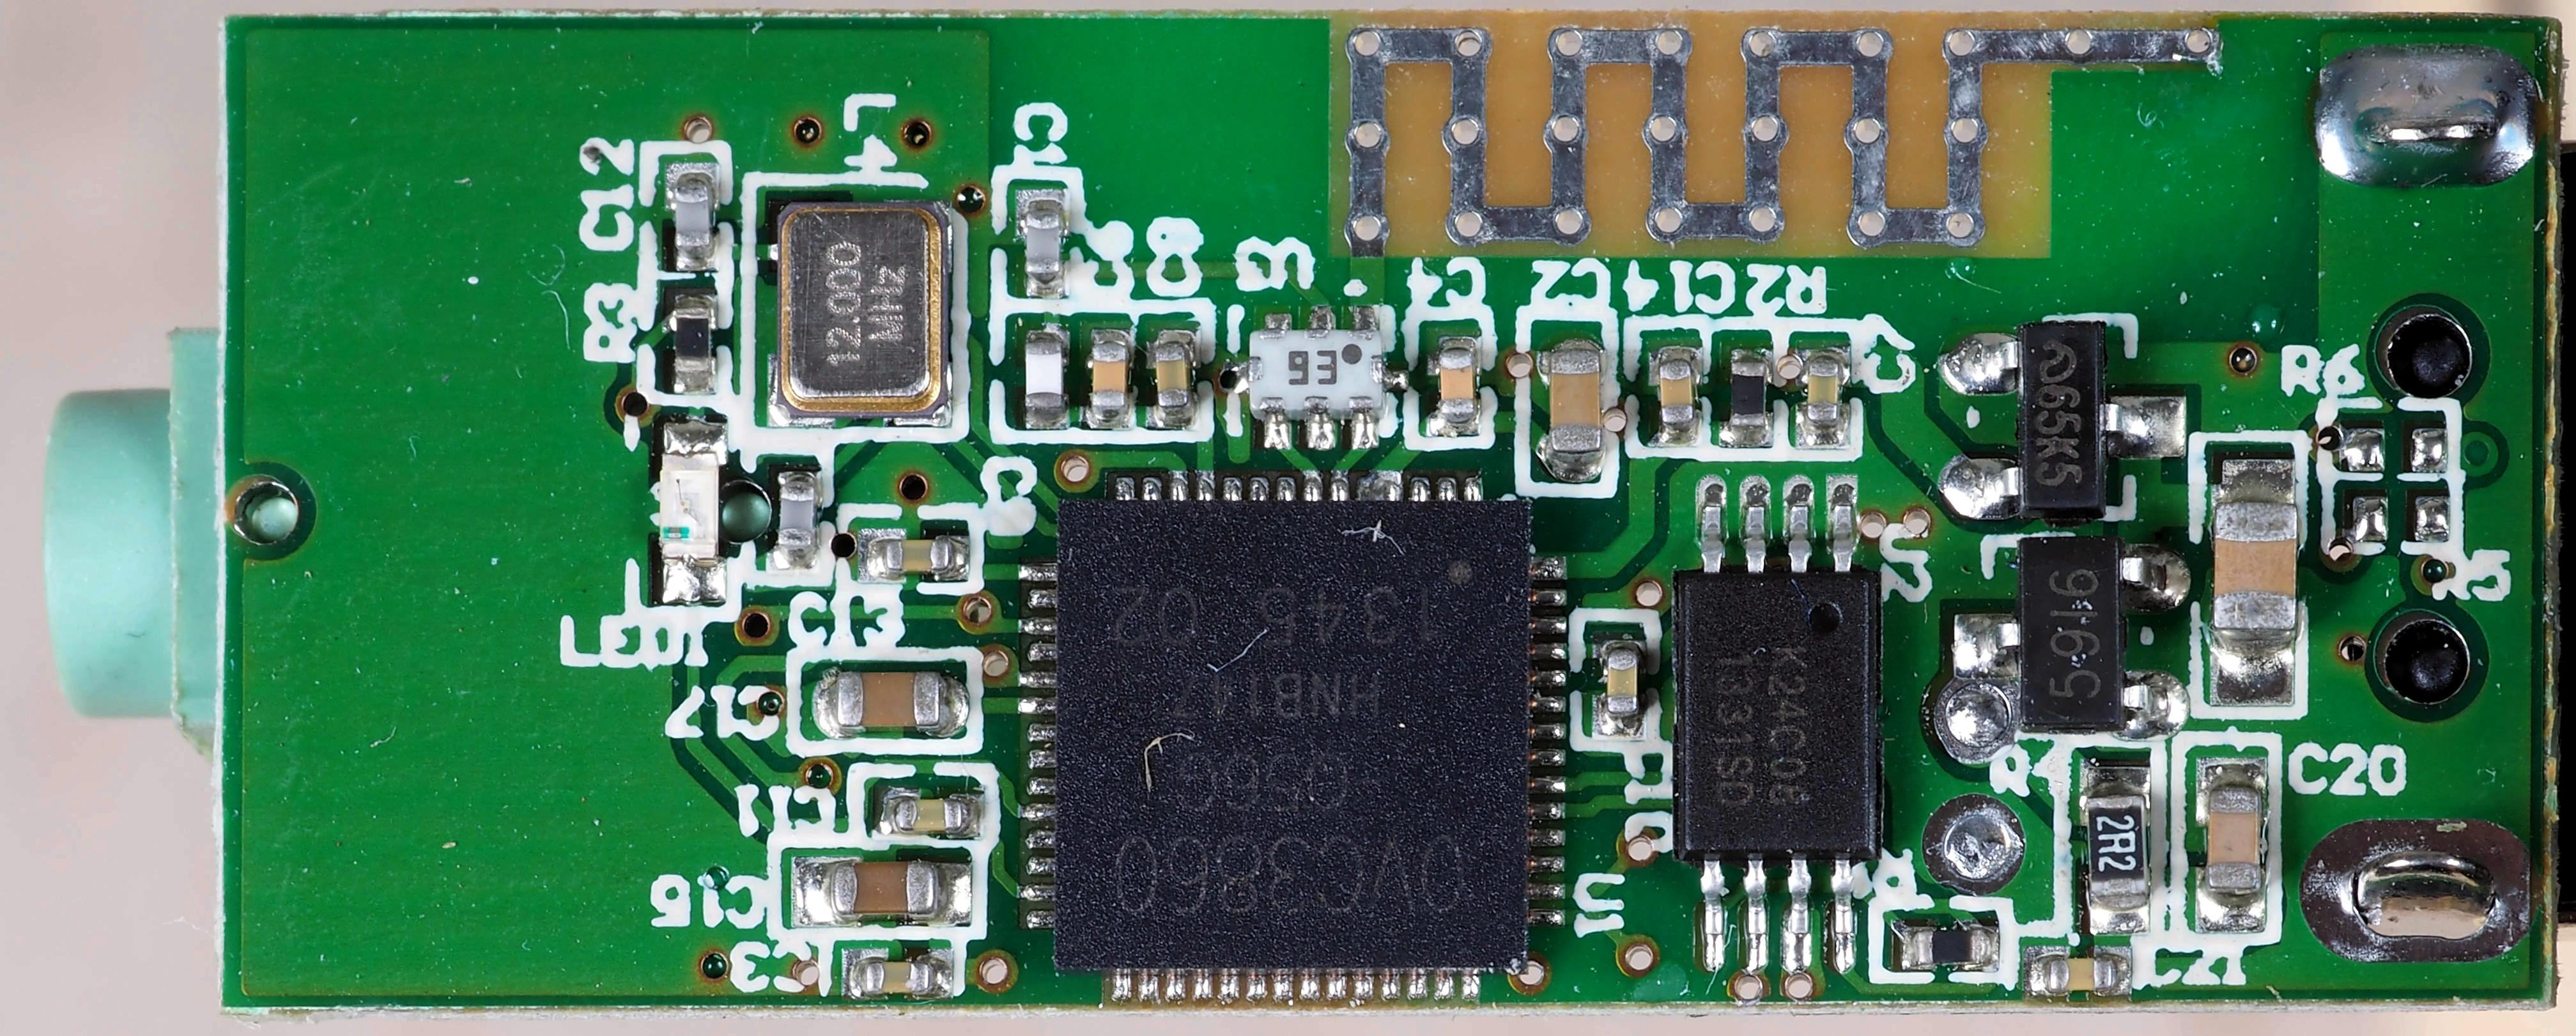 Bluetooth-adapter-1.jpeg